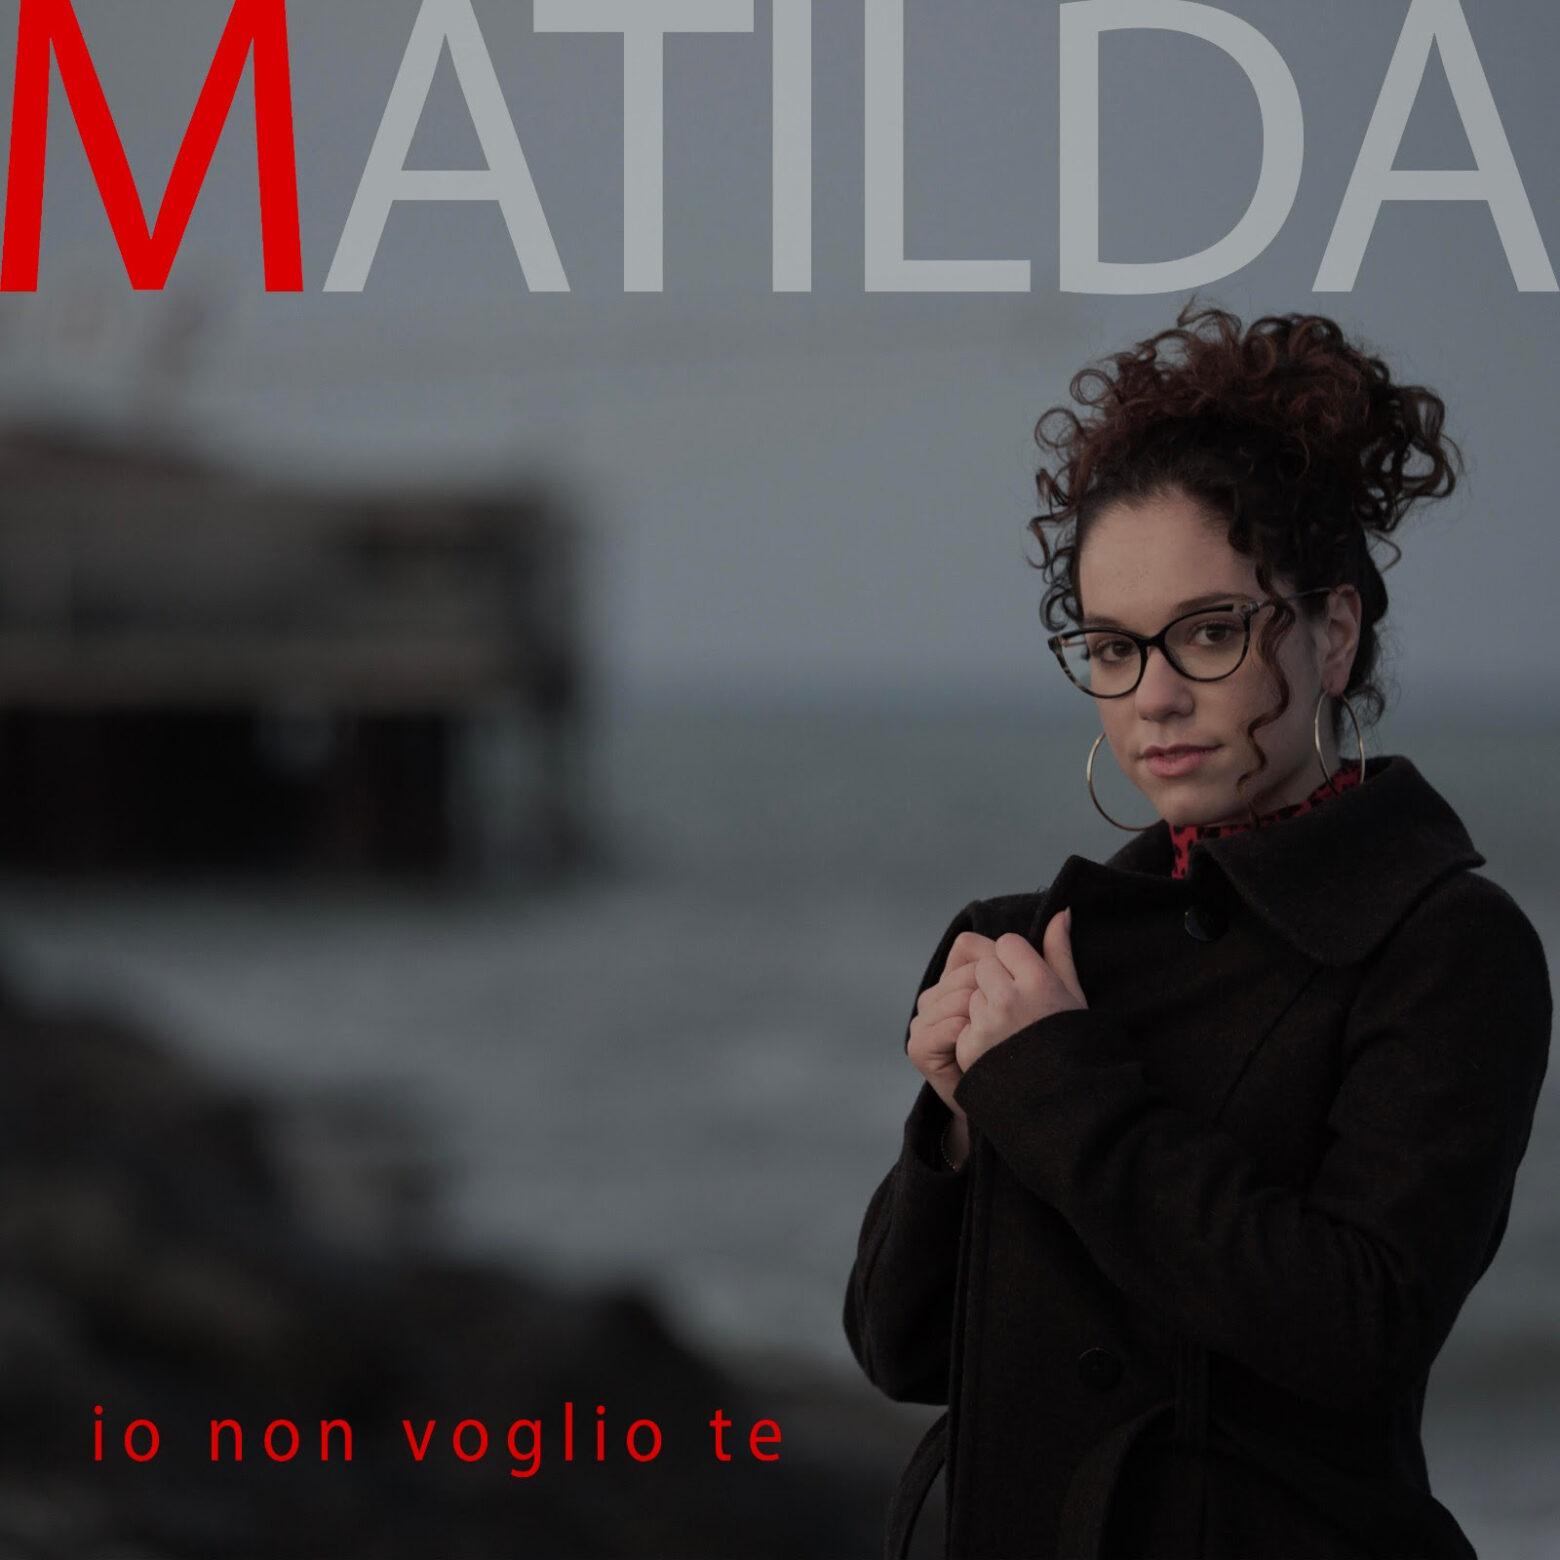 """MATILDA pubblica il suo brano d'esordio, """"IO NON VOGLIO TE"""", da oggi in radio e su tutte le piattaforme digitali"""